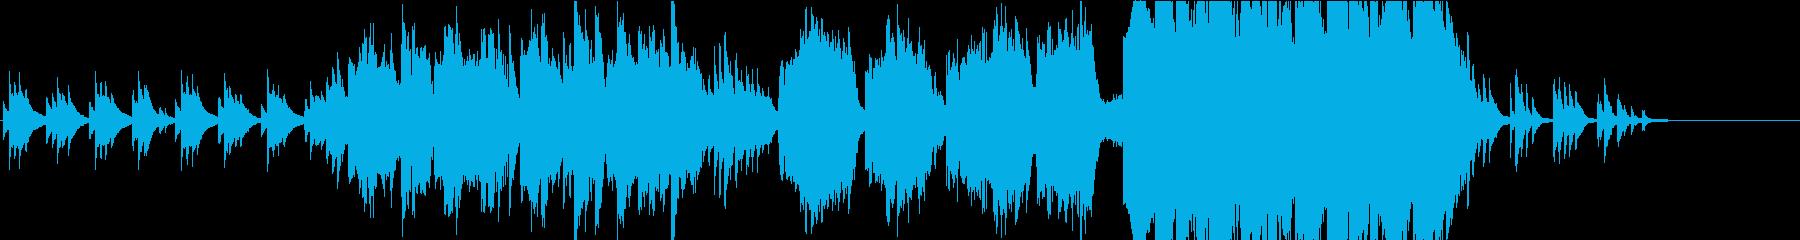 【生演奏】フルートとピアノ主体の和風曲の再生済みの波形